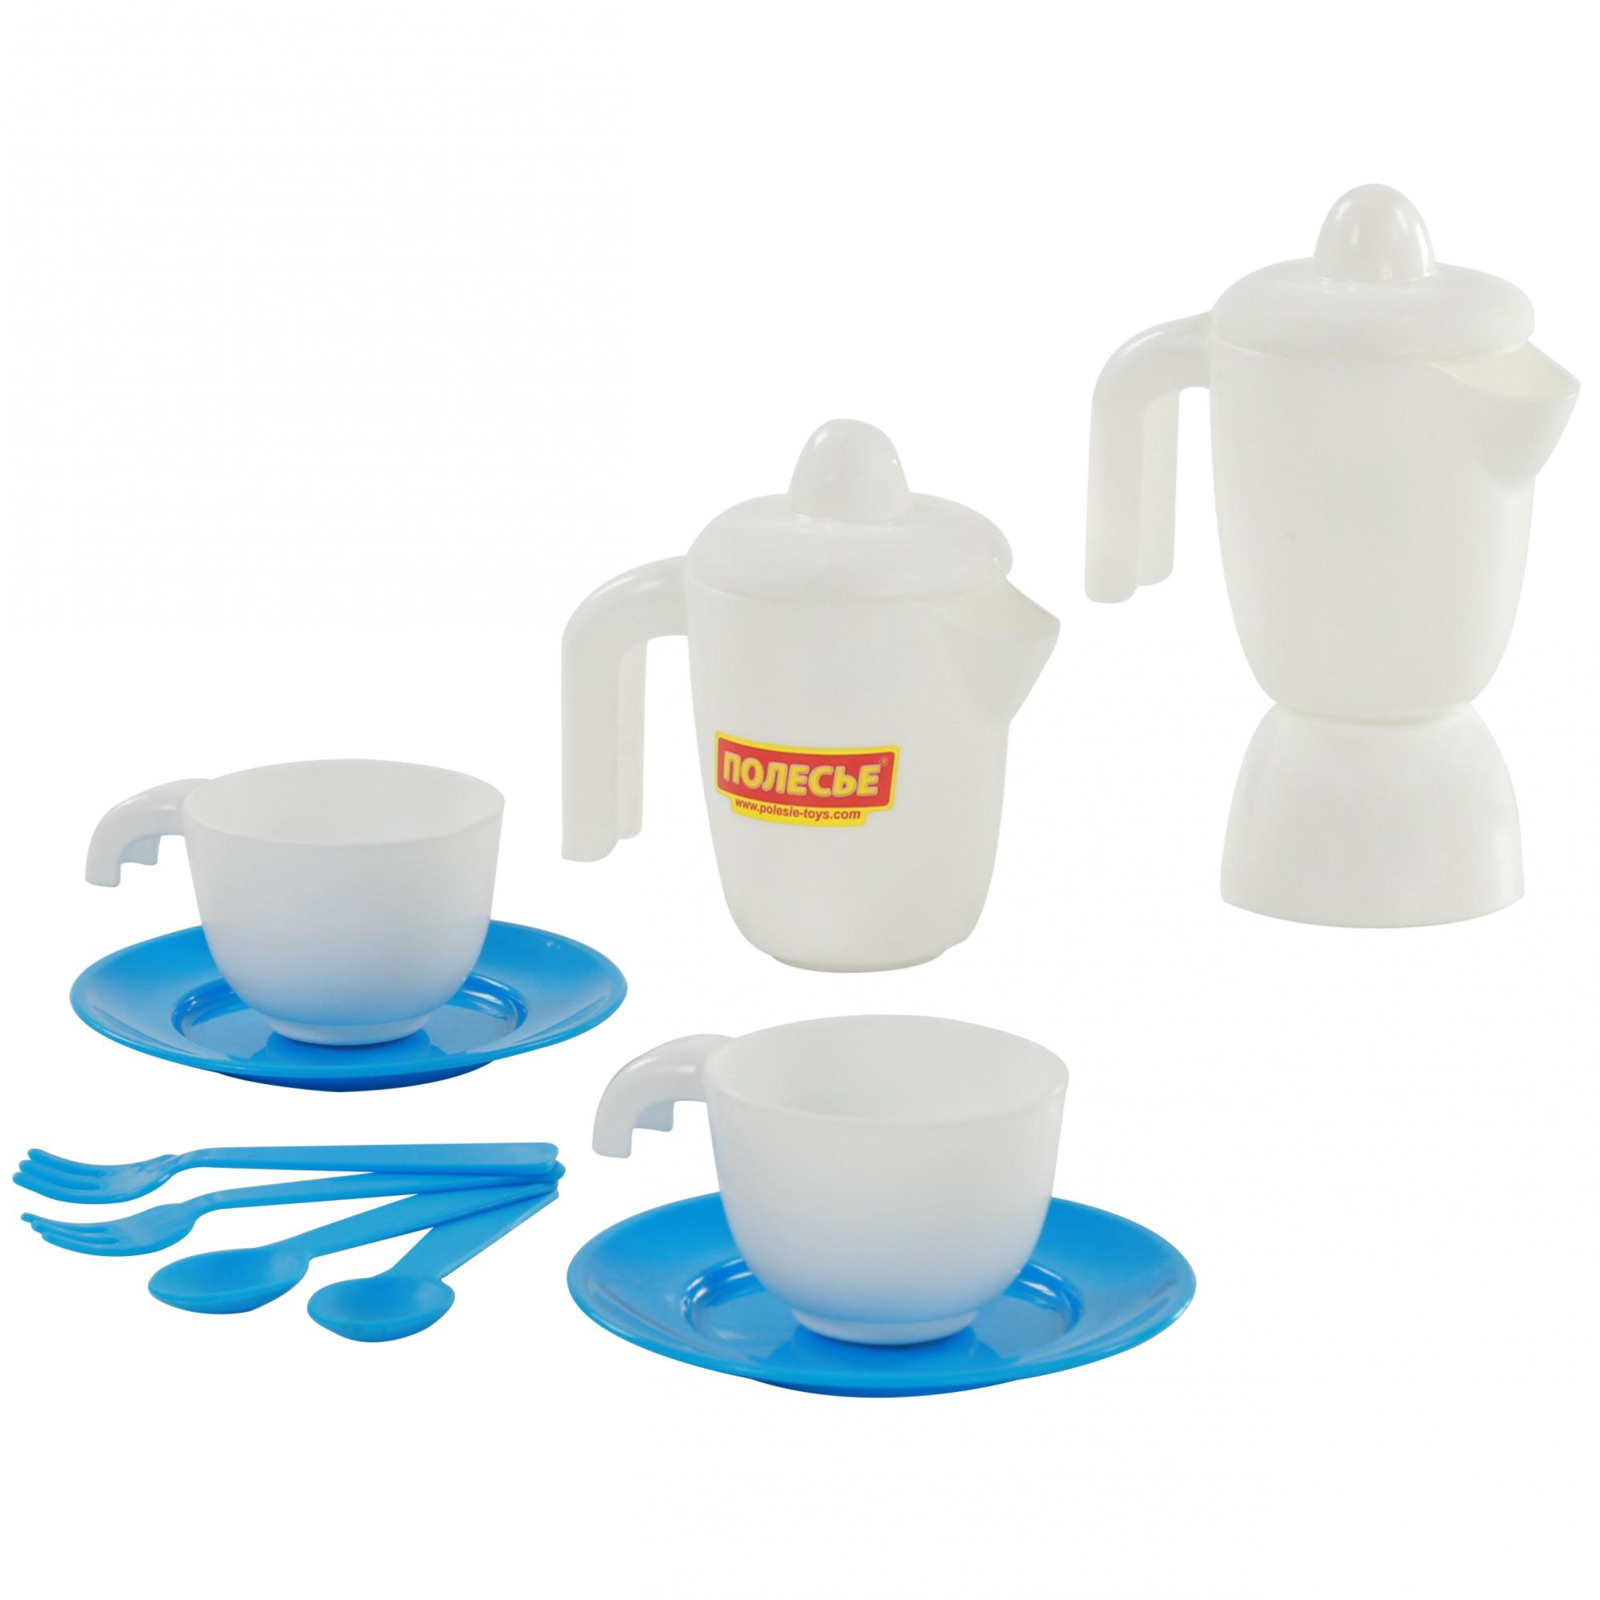 Набор детской посуды Полесье TOP Chef, на 2 персоны, 12 элементов, цвет в ассортименте игра полесьенабор детской посуды top chef с корзинкой 42637